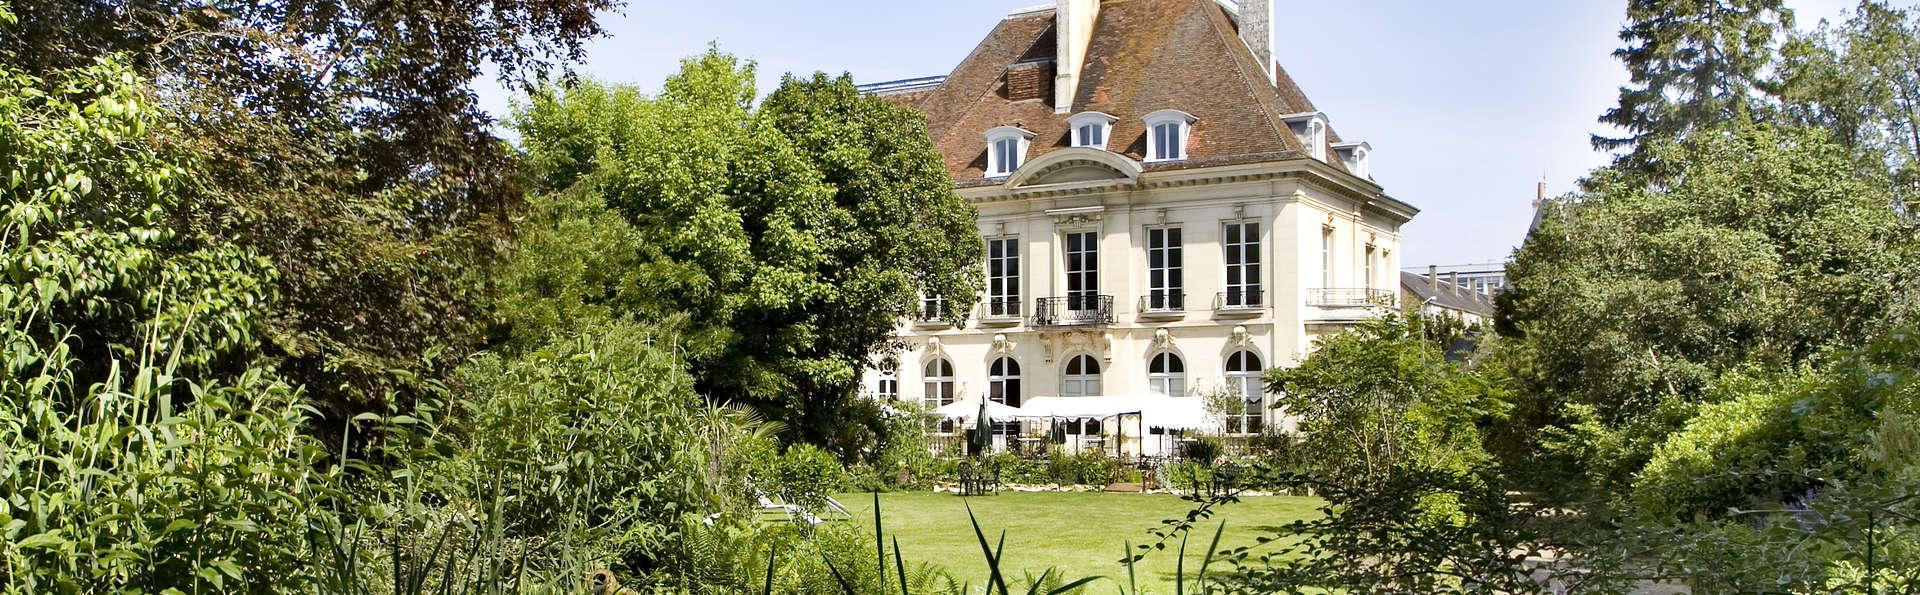 Hôtel Restaurant La Gourmandine - Vue de l'hôtel